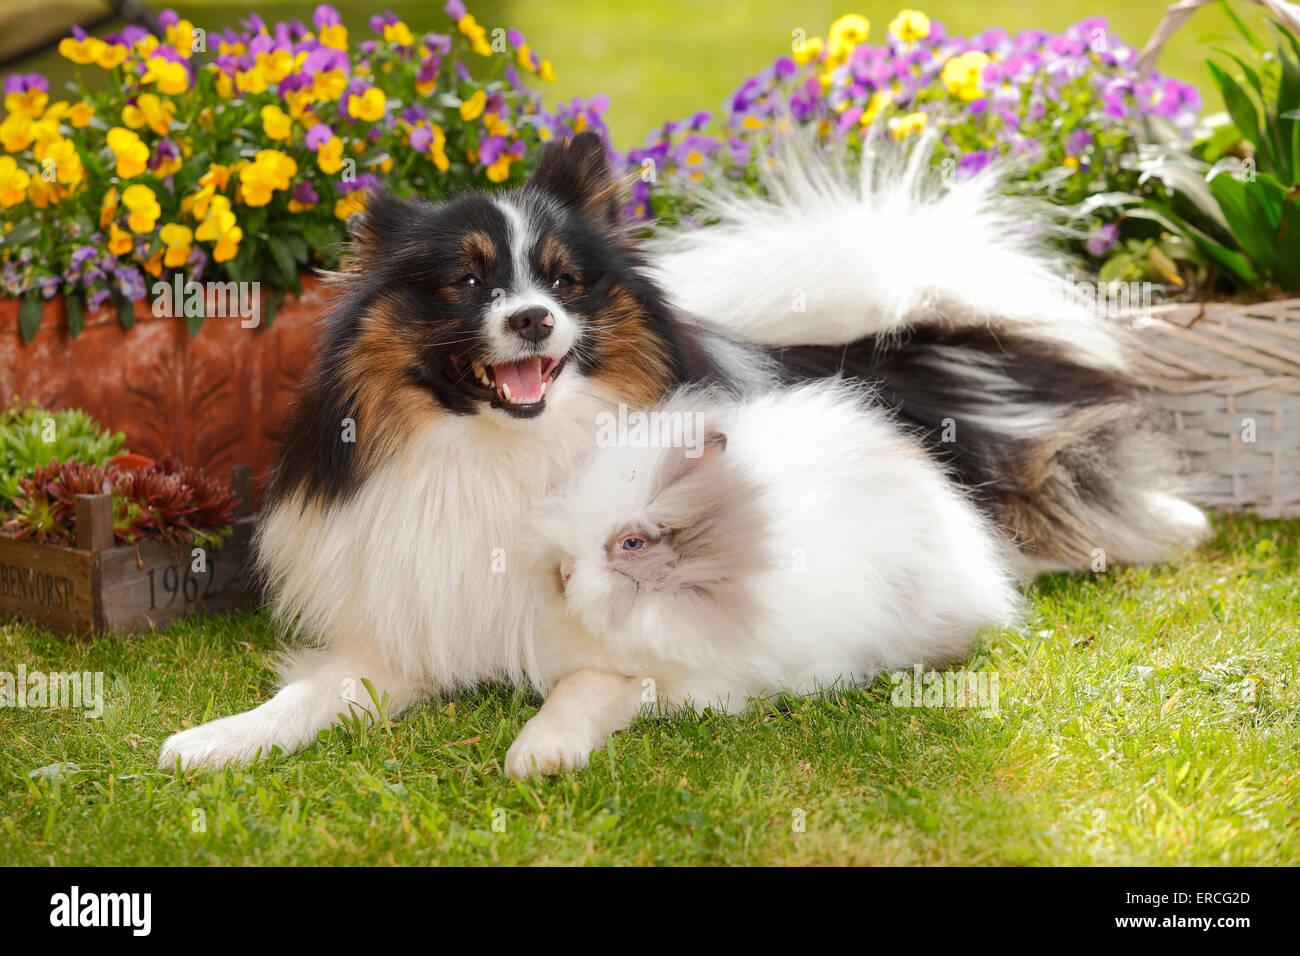 Mixed Breed Dog and Teddy dwarfrabbit|Mischlingshund und Teddyzwergkaninchen - Stock Image